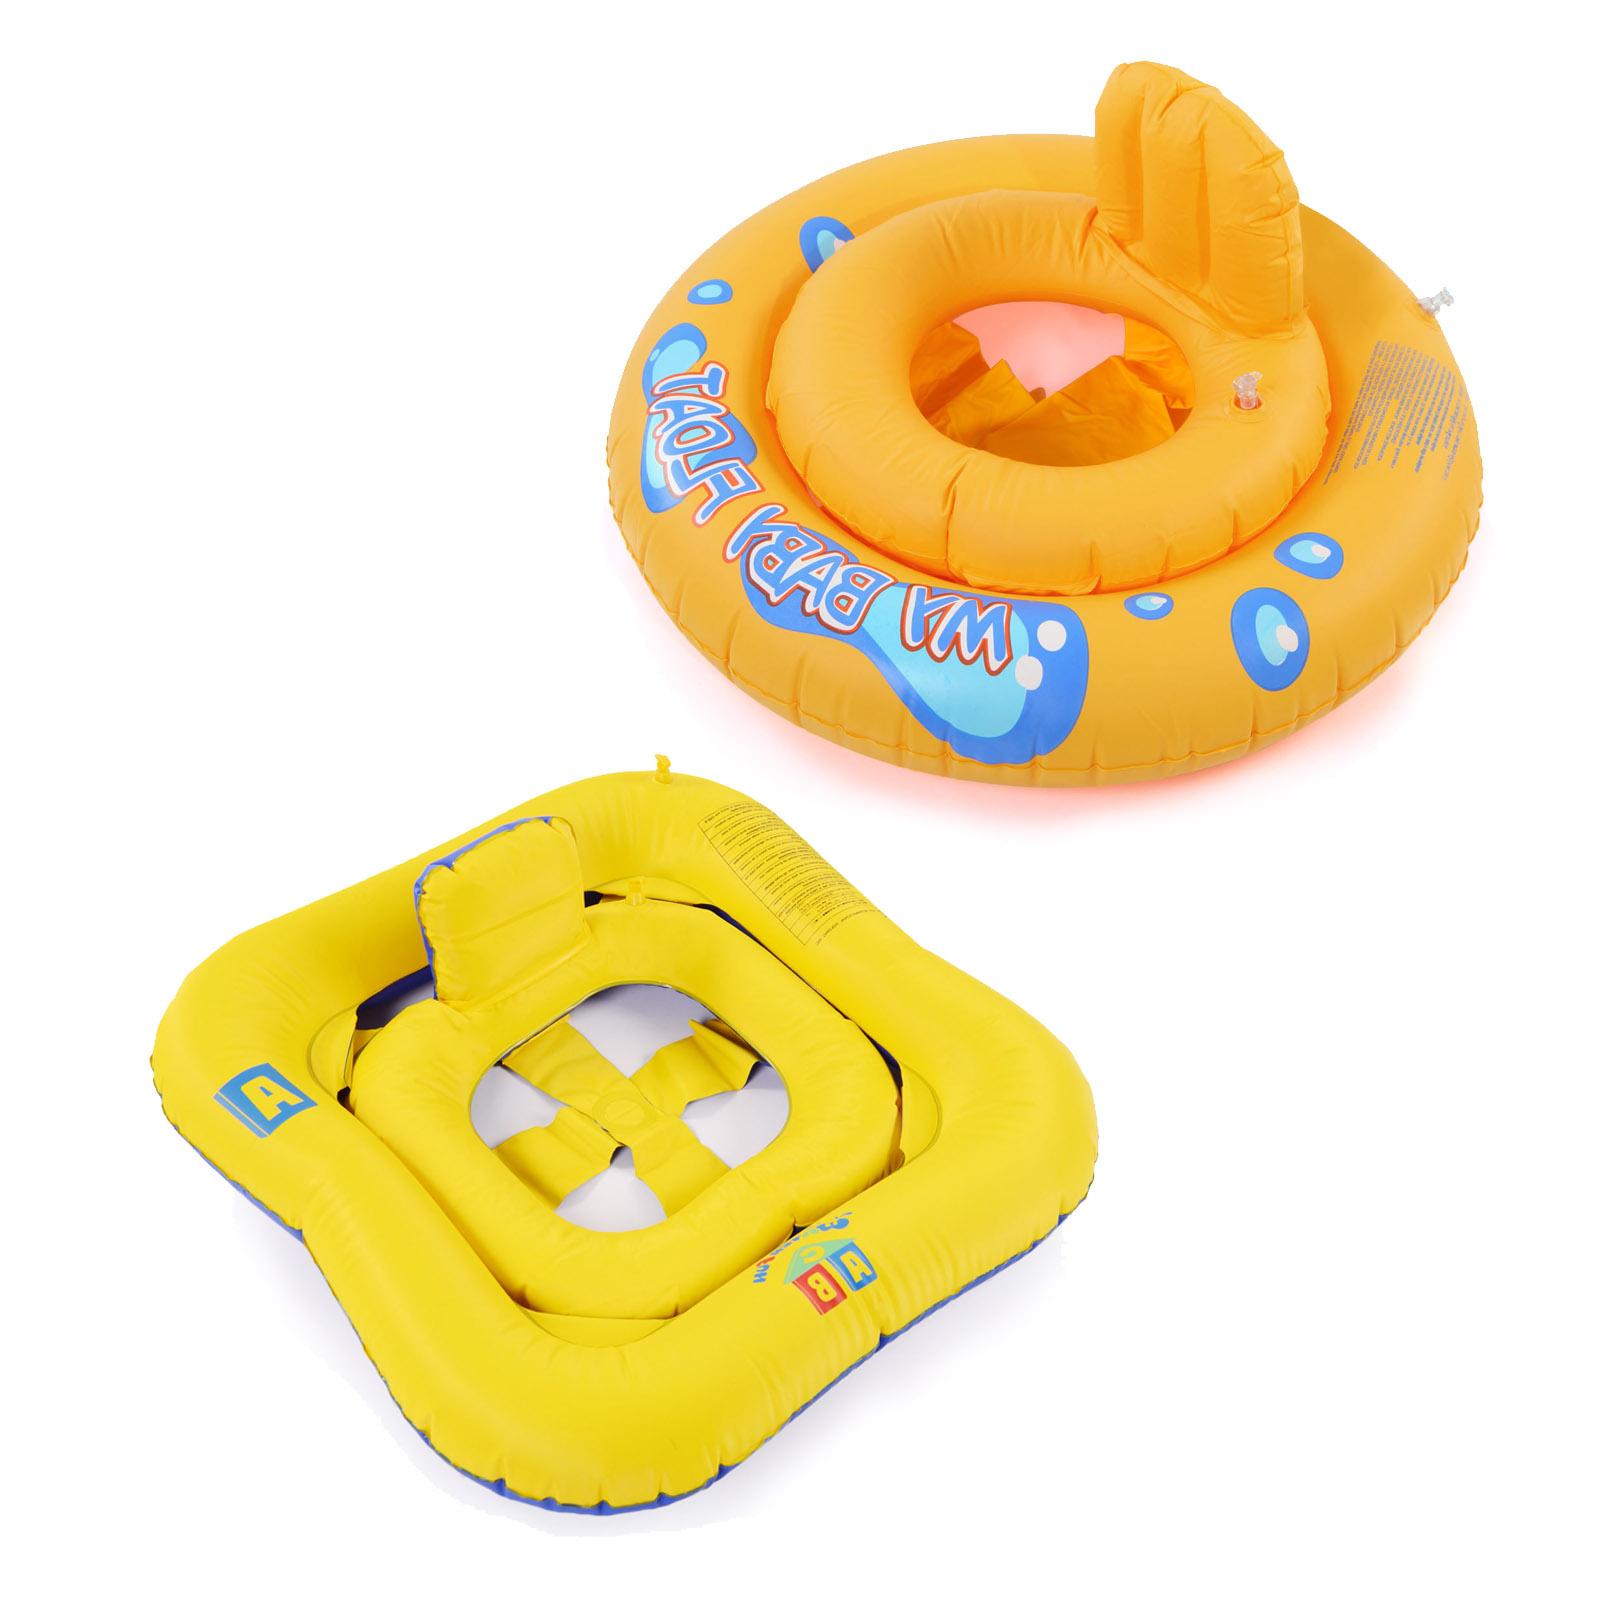 baignoire bouee gonflable enfant bebe natation piscine. Black Bedroom Furniture Sets. Home Design Ideas